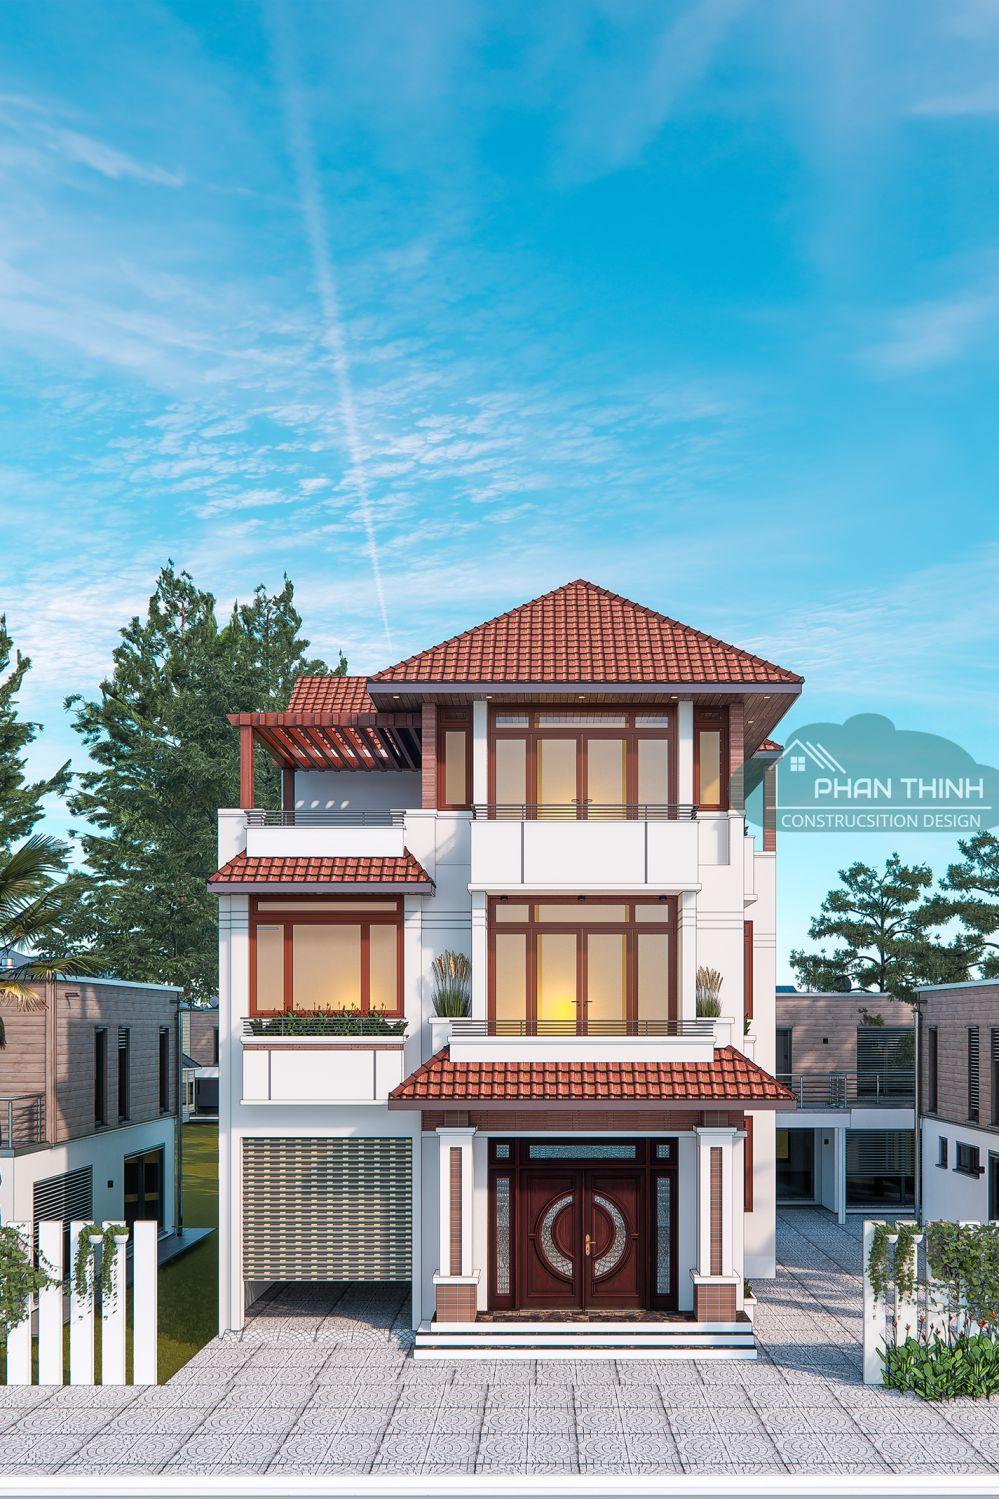 Phối cảnh mặt tiền nhà mái thái 3 tầng Quảng Ninh